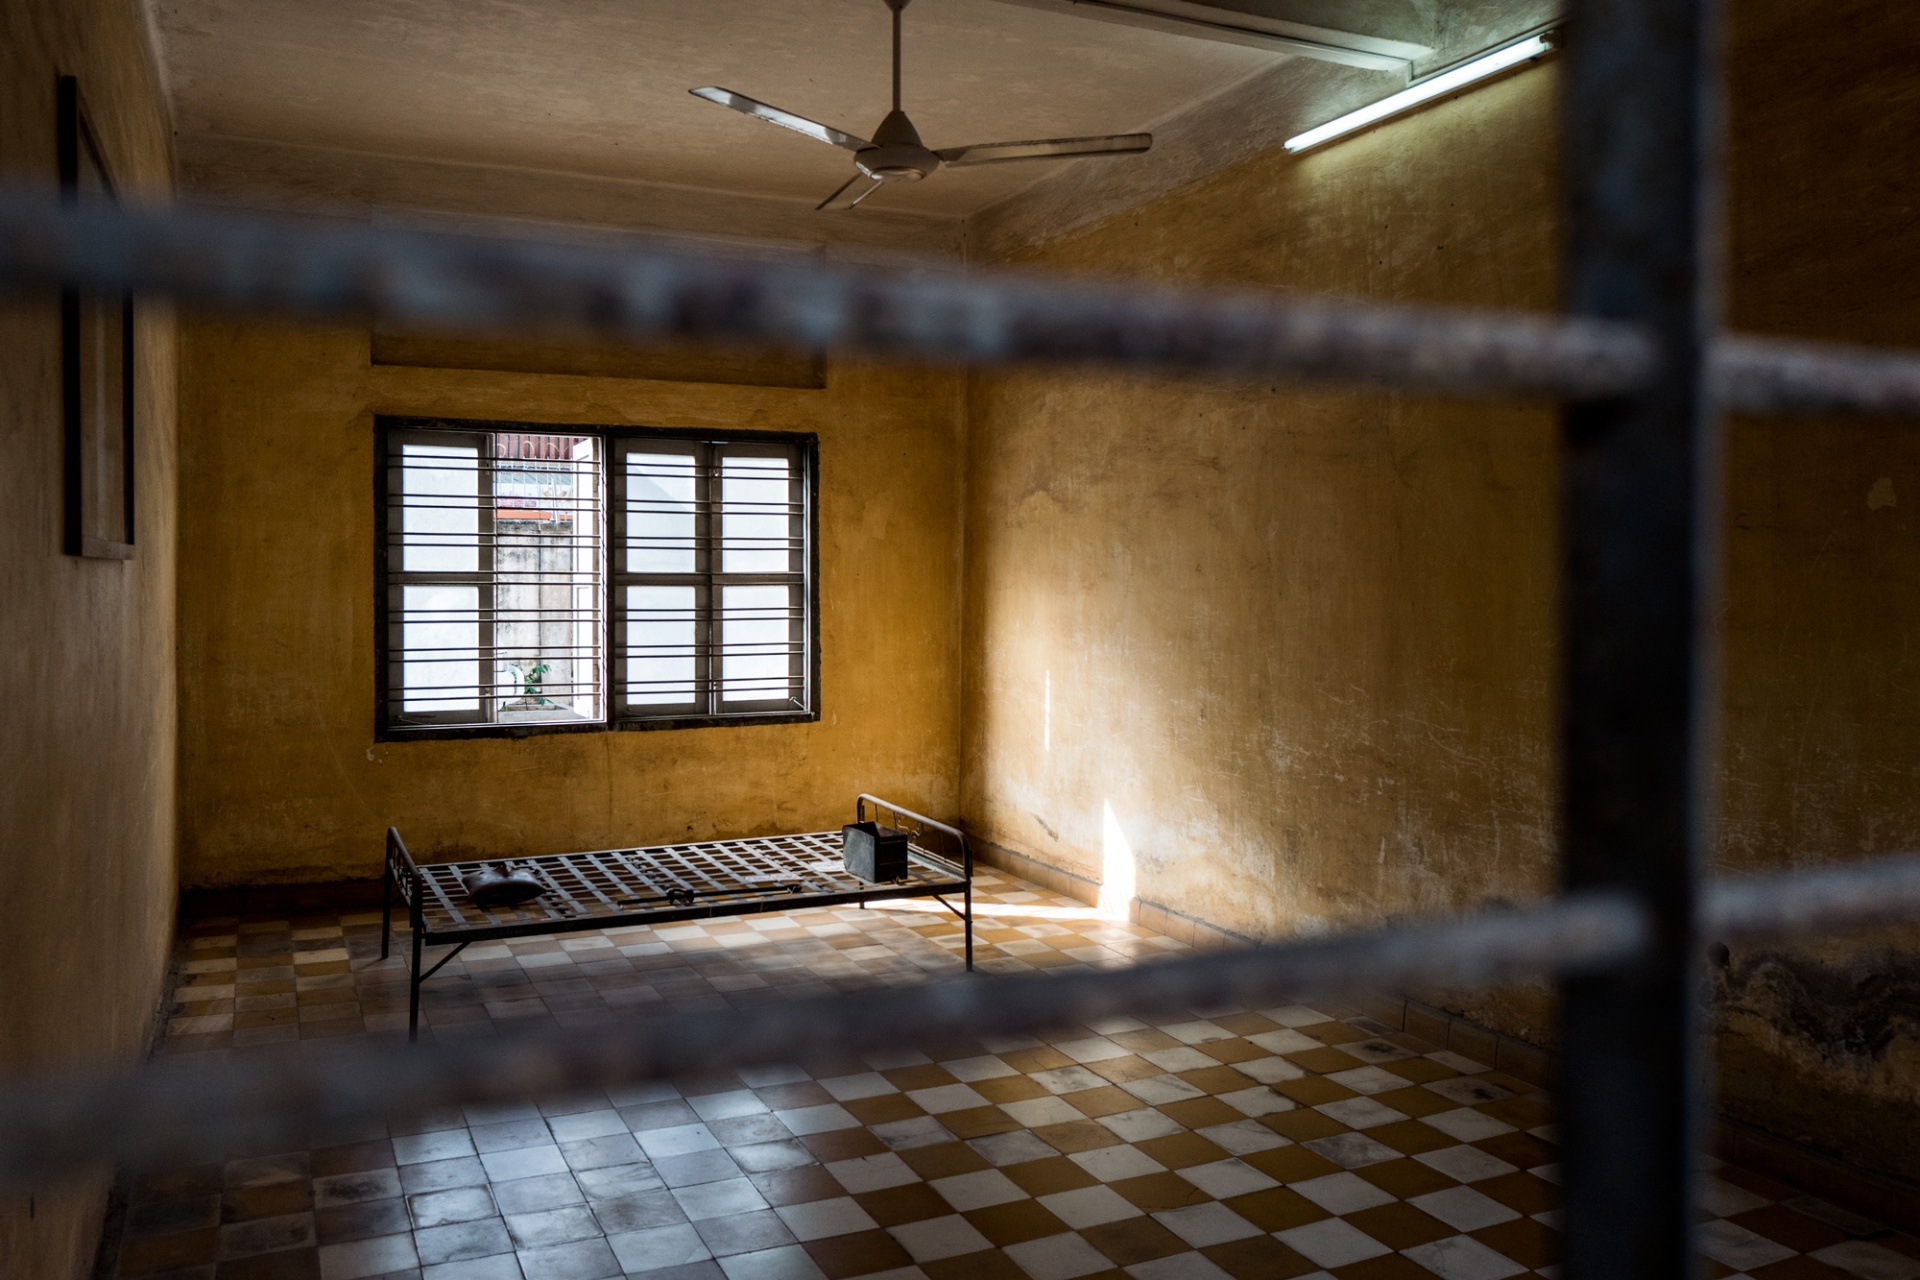 Cambodian Prison Toul Sleng - S-21, Il Toul Sleng era una scuola superiore, un luogo di cultura in cui la Cambogia si era prefissata di formare la classe dirigente del futuro. Poi, nel 1975, qualcuno decise di trasformarlo in un luogo